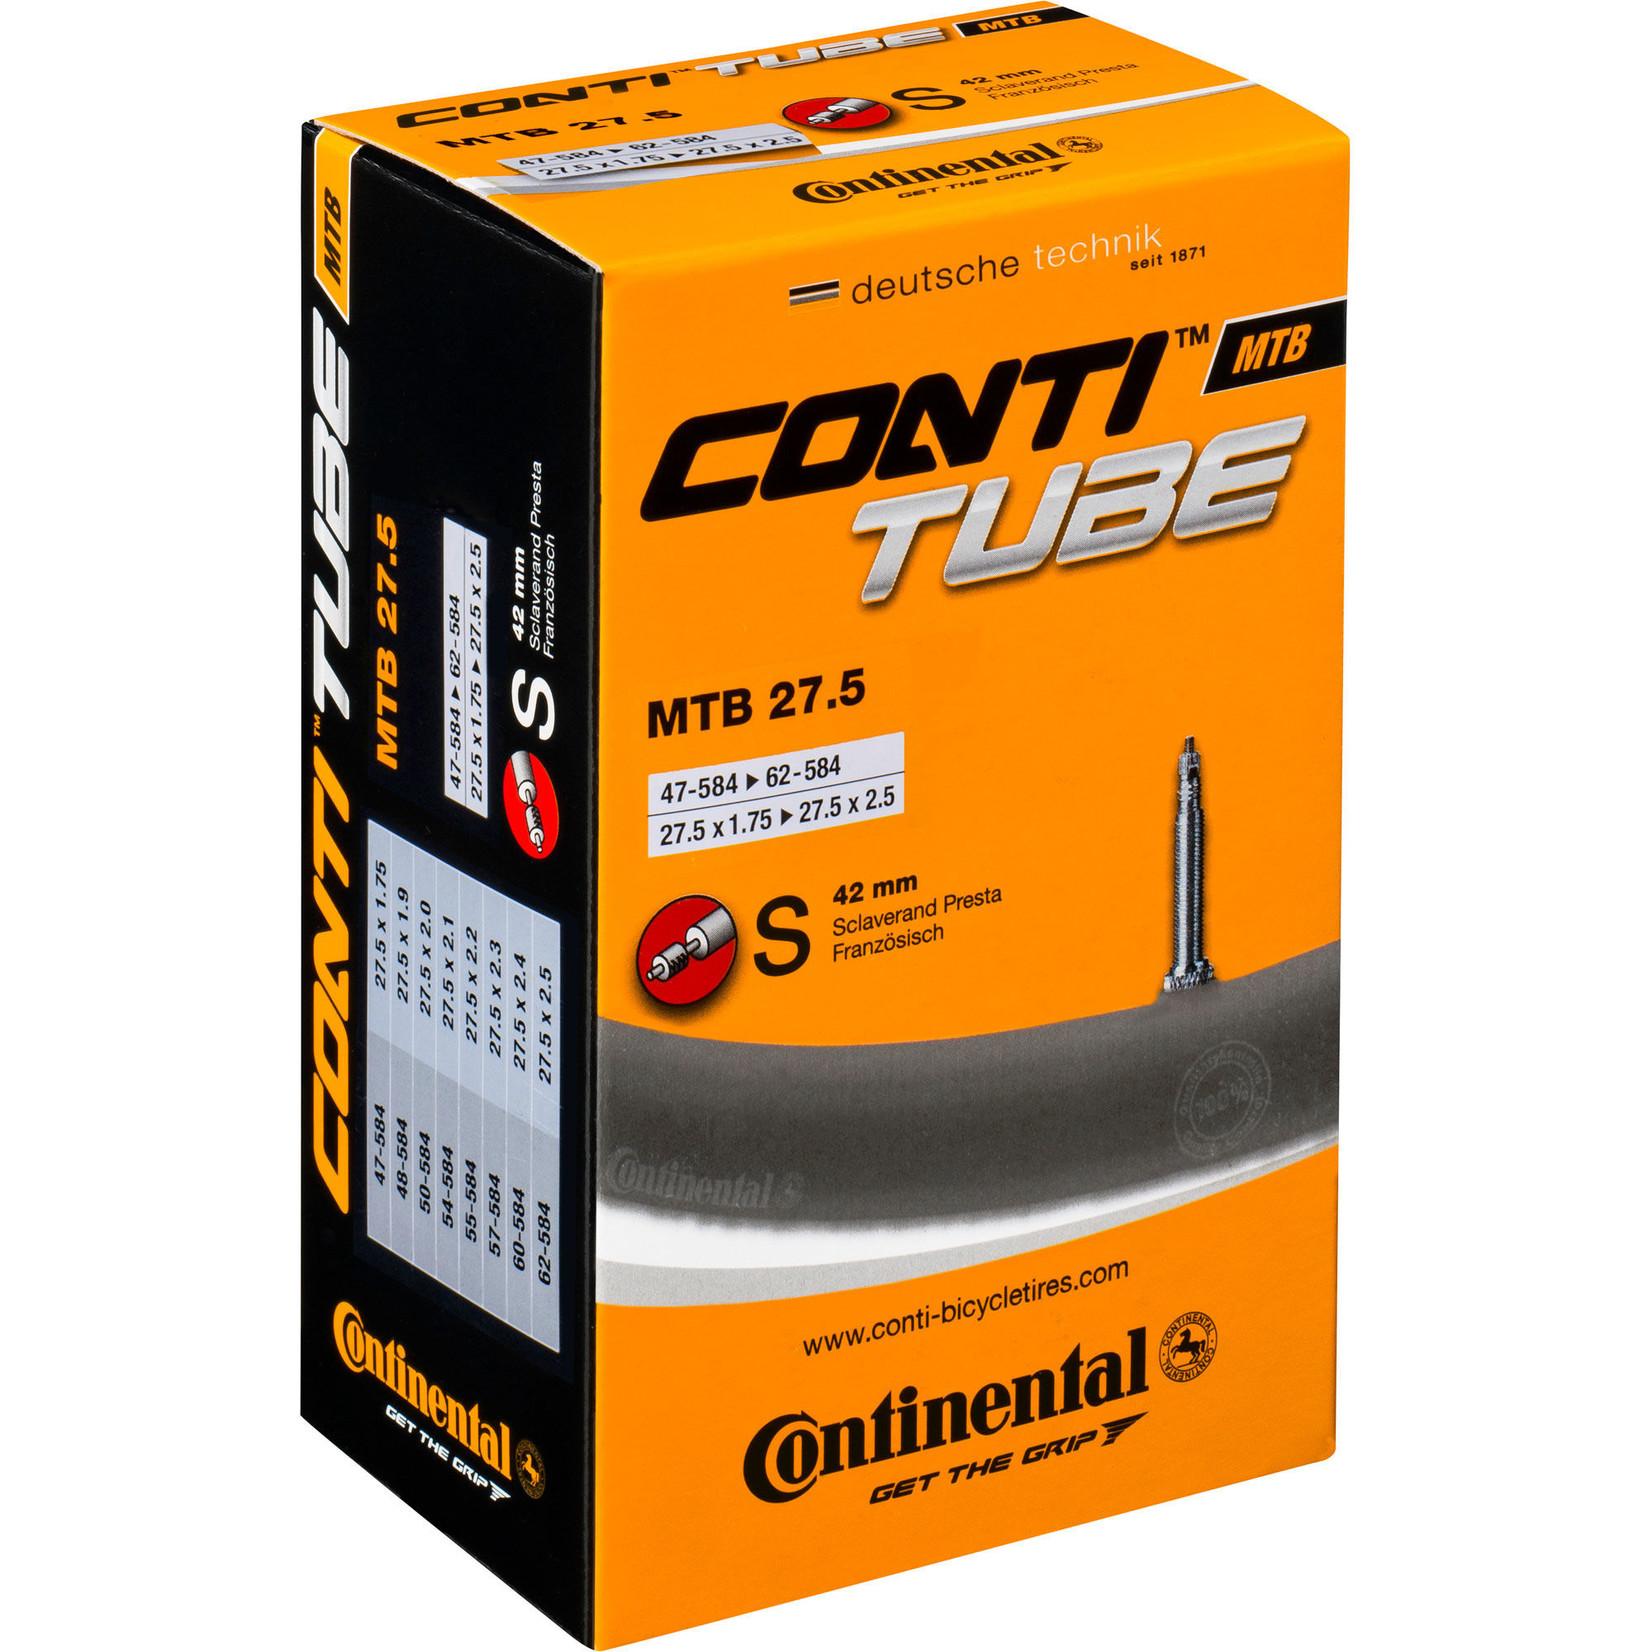 Continental Inner Tube MTB 27.5 Presta Valve 42mm